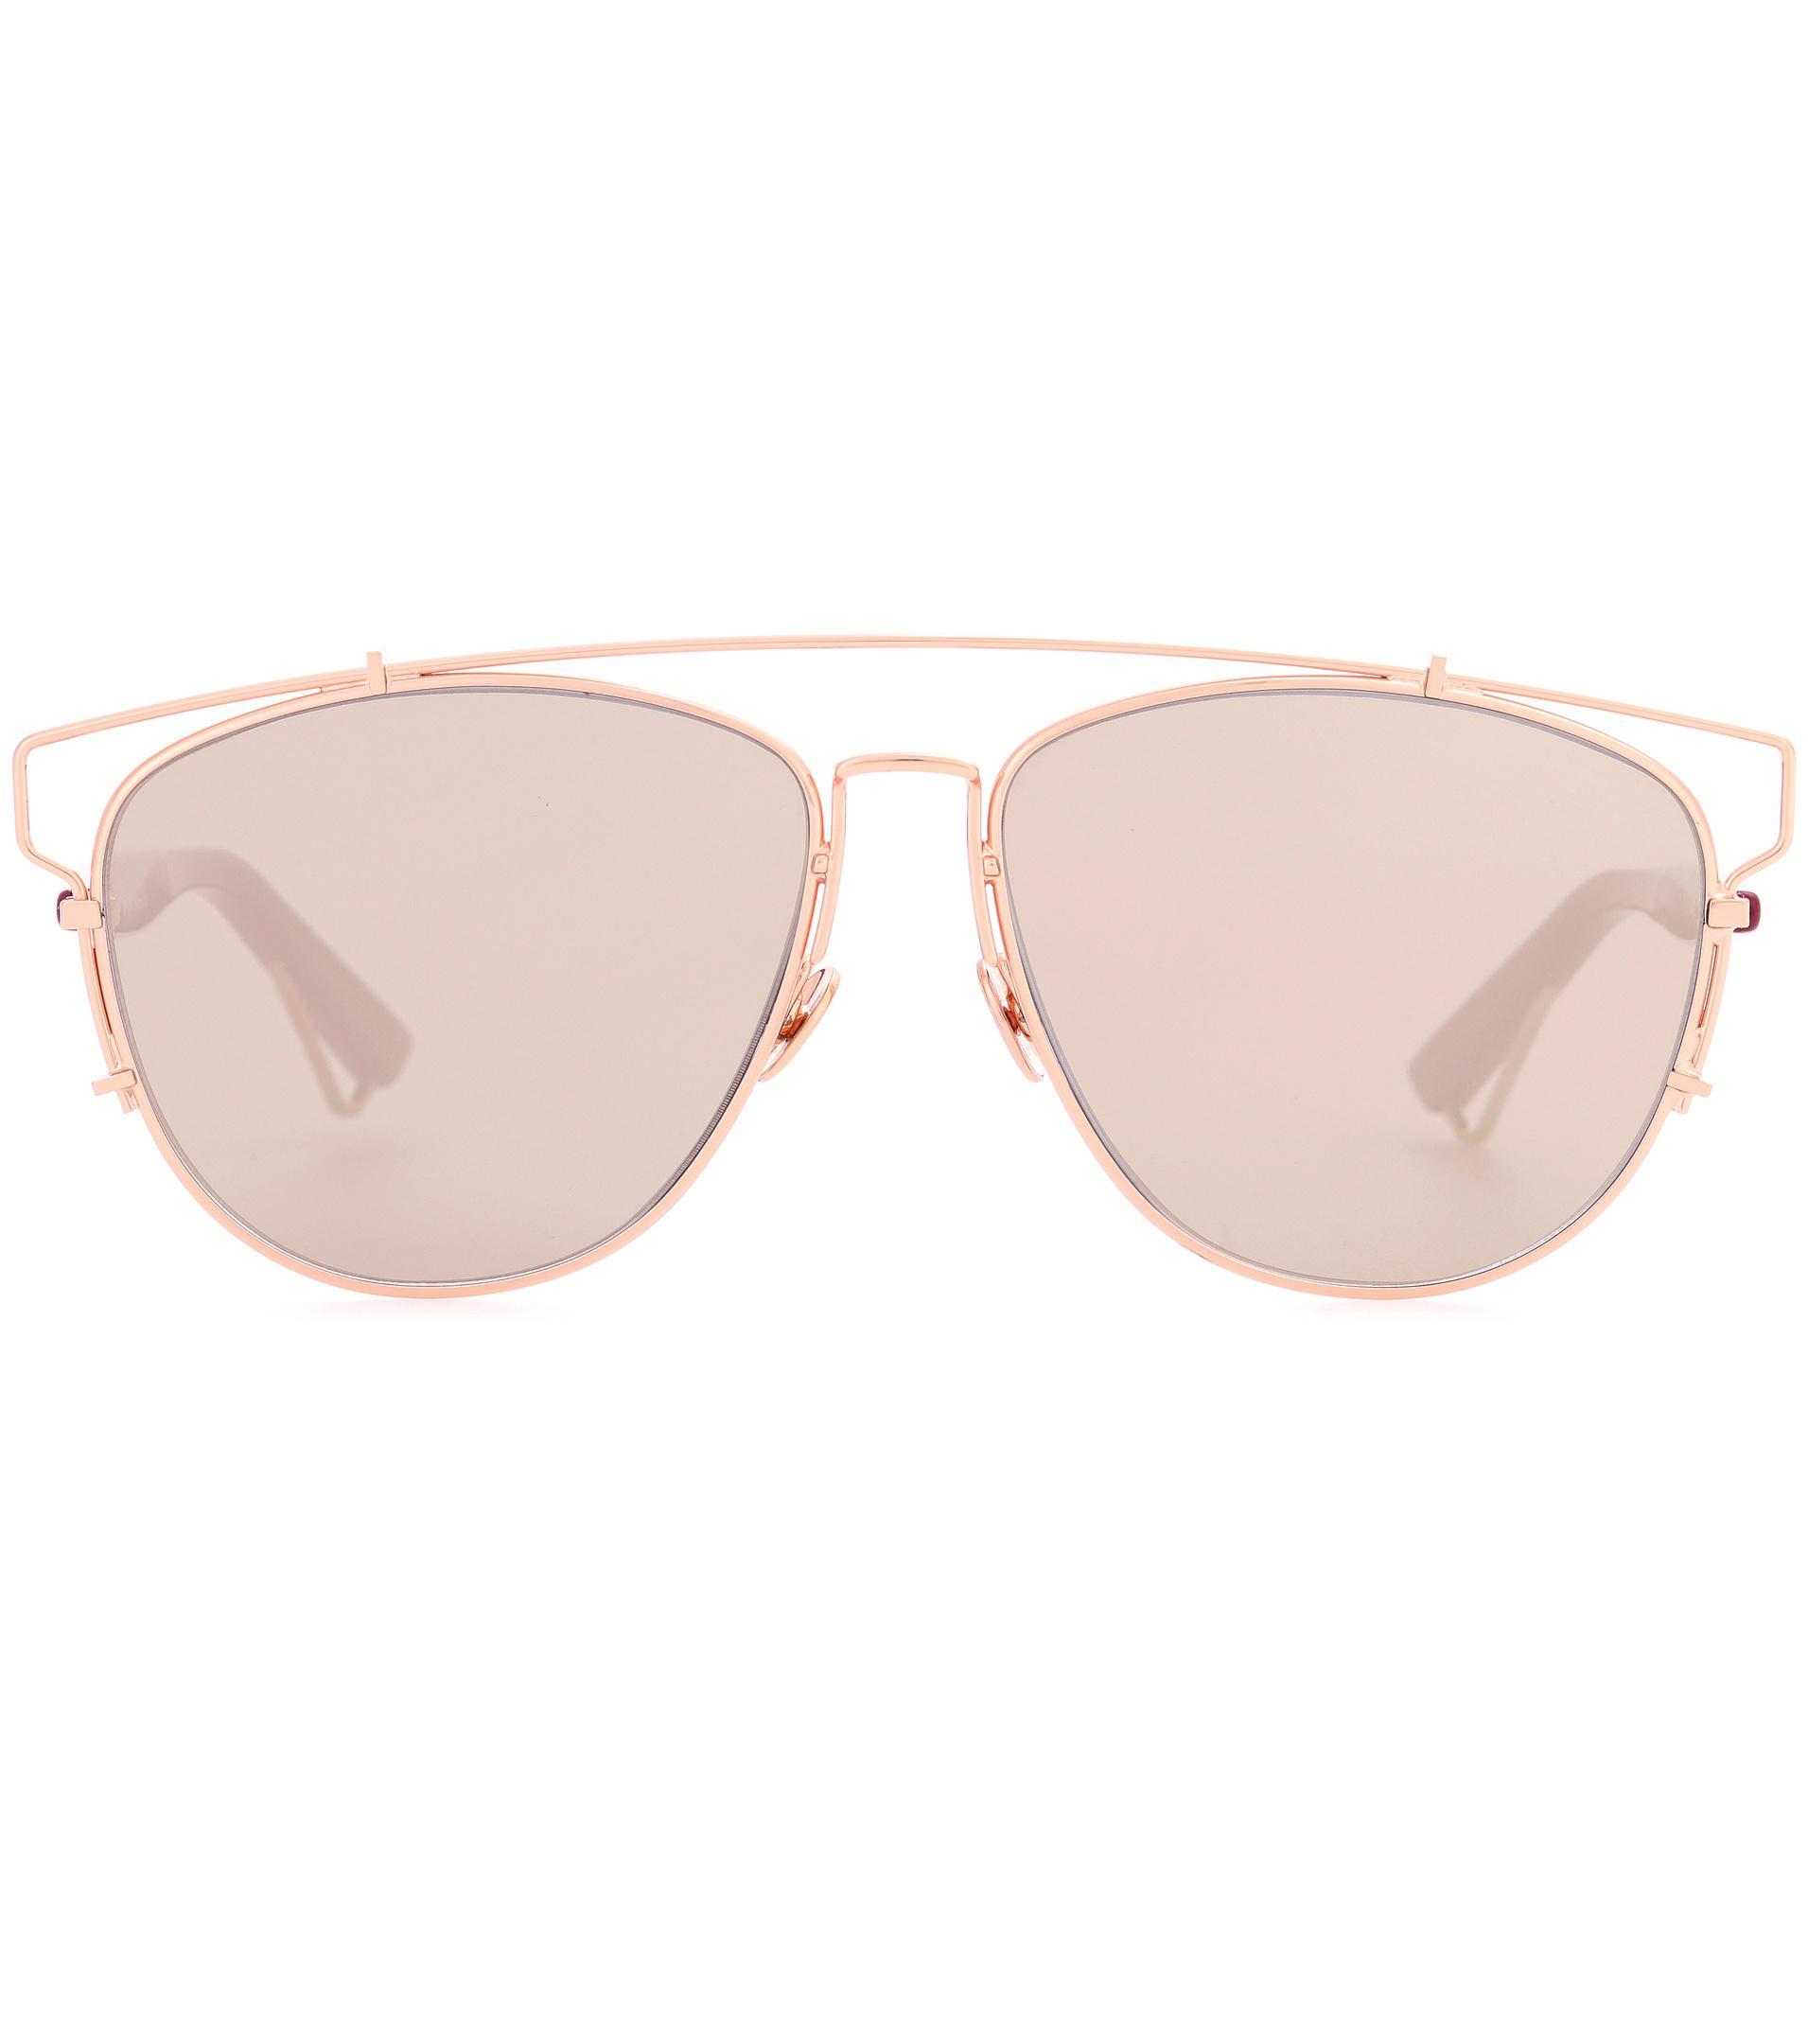 0e8698834c4e9 Dior Dior Technologic Sunglasses in Pink - Lyst